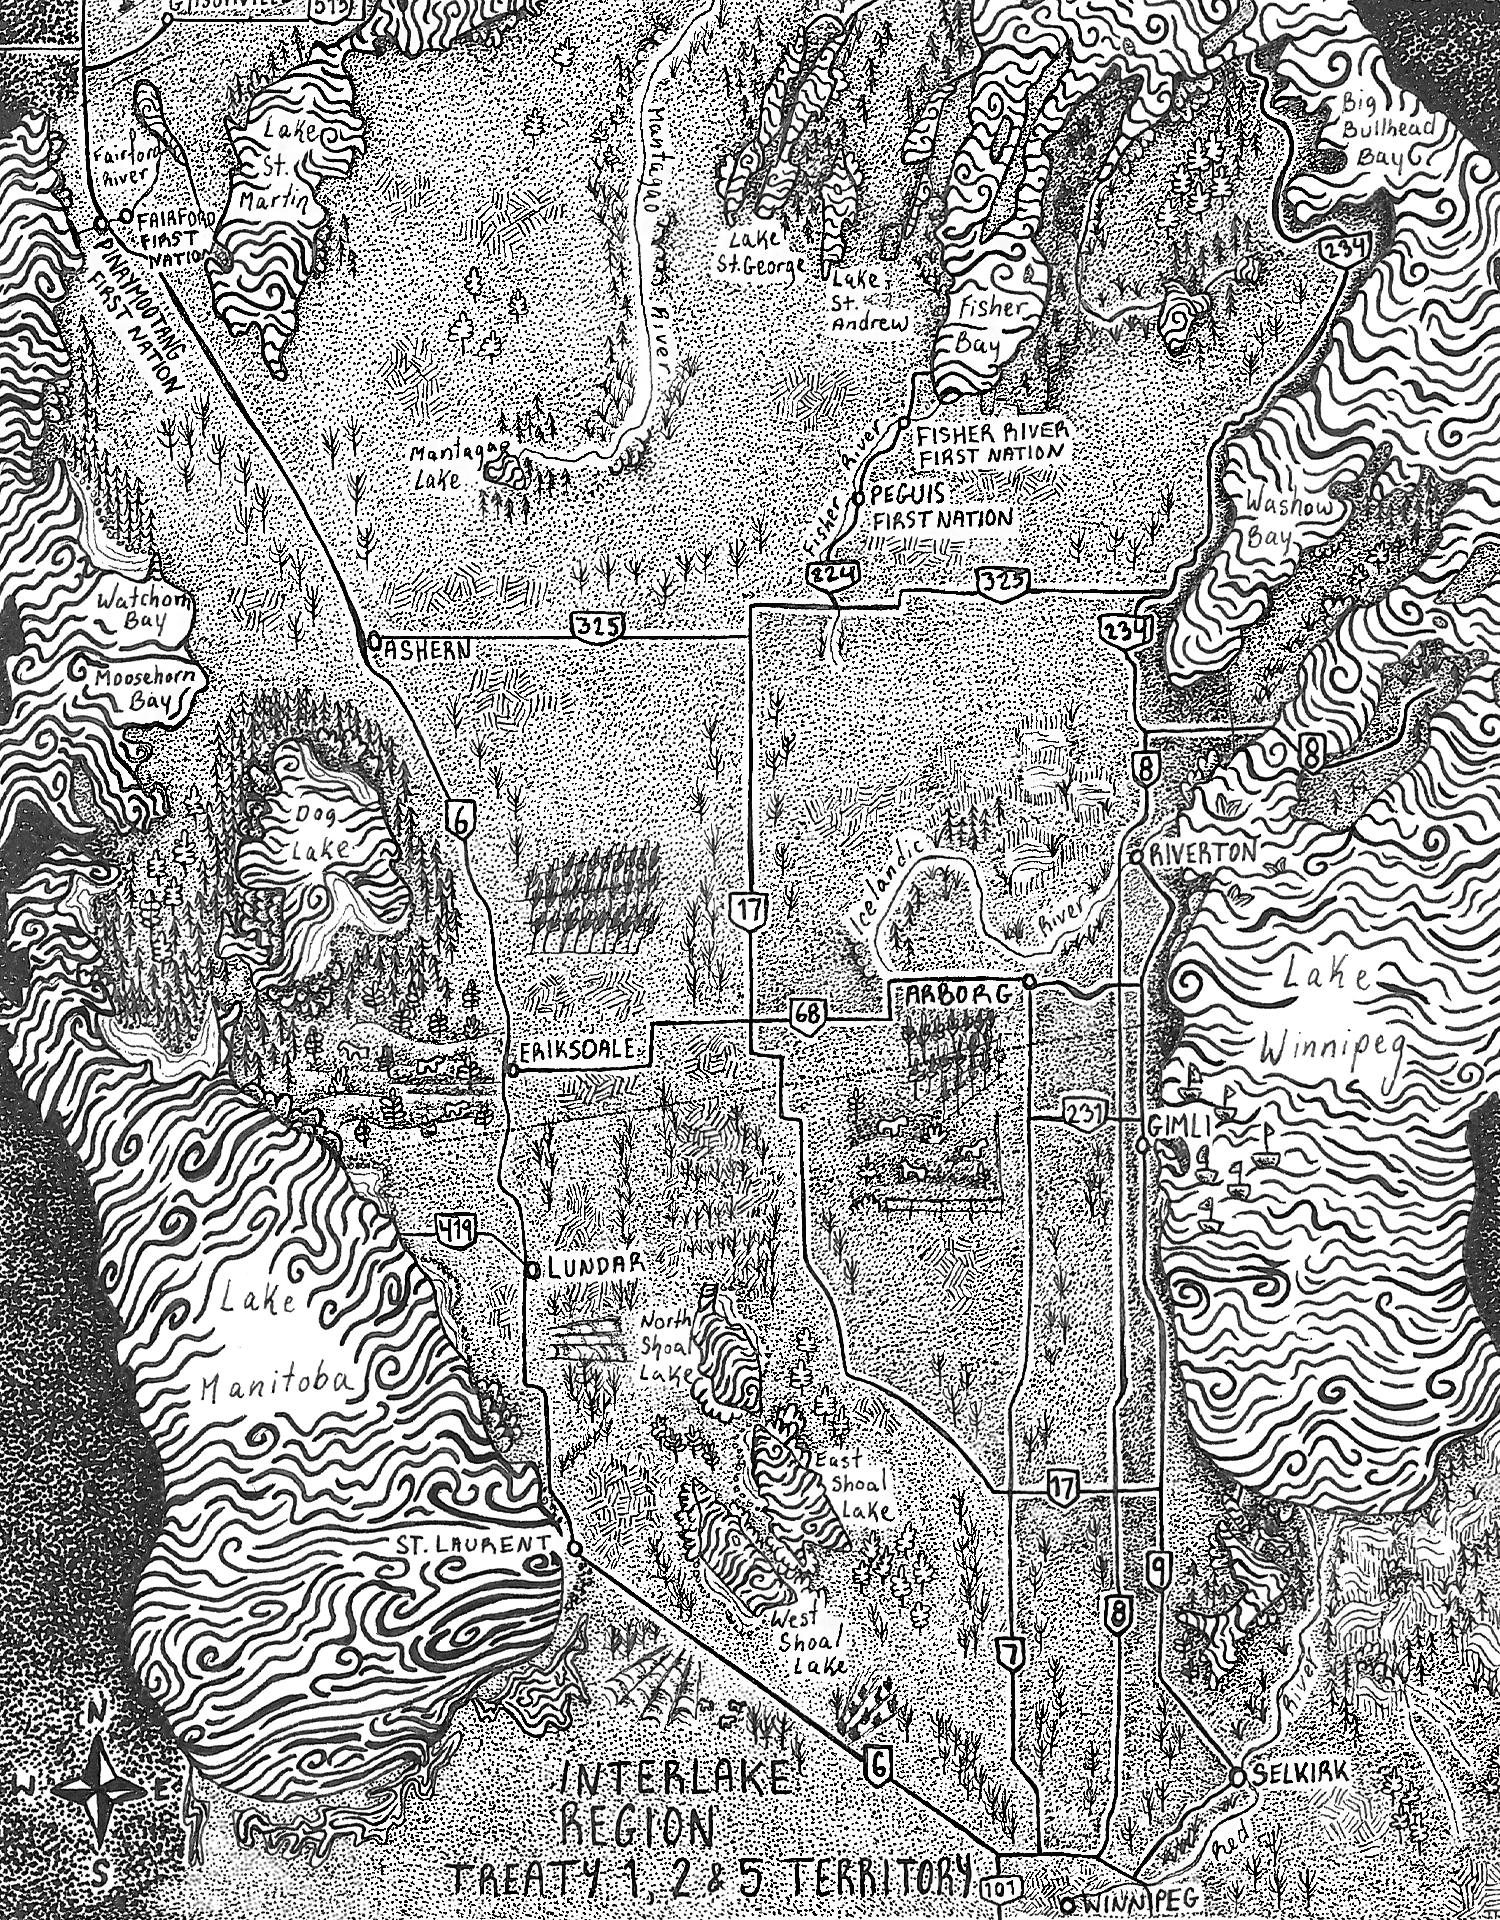 CHAUTAUQUA: THE INTERLAKE TRAIL